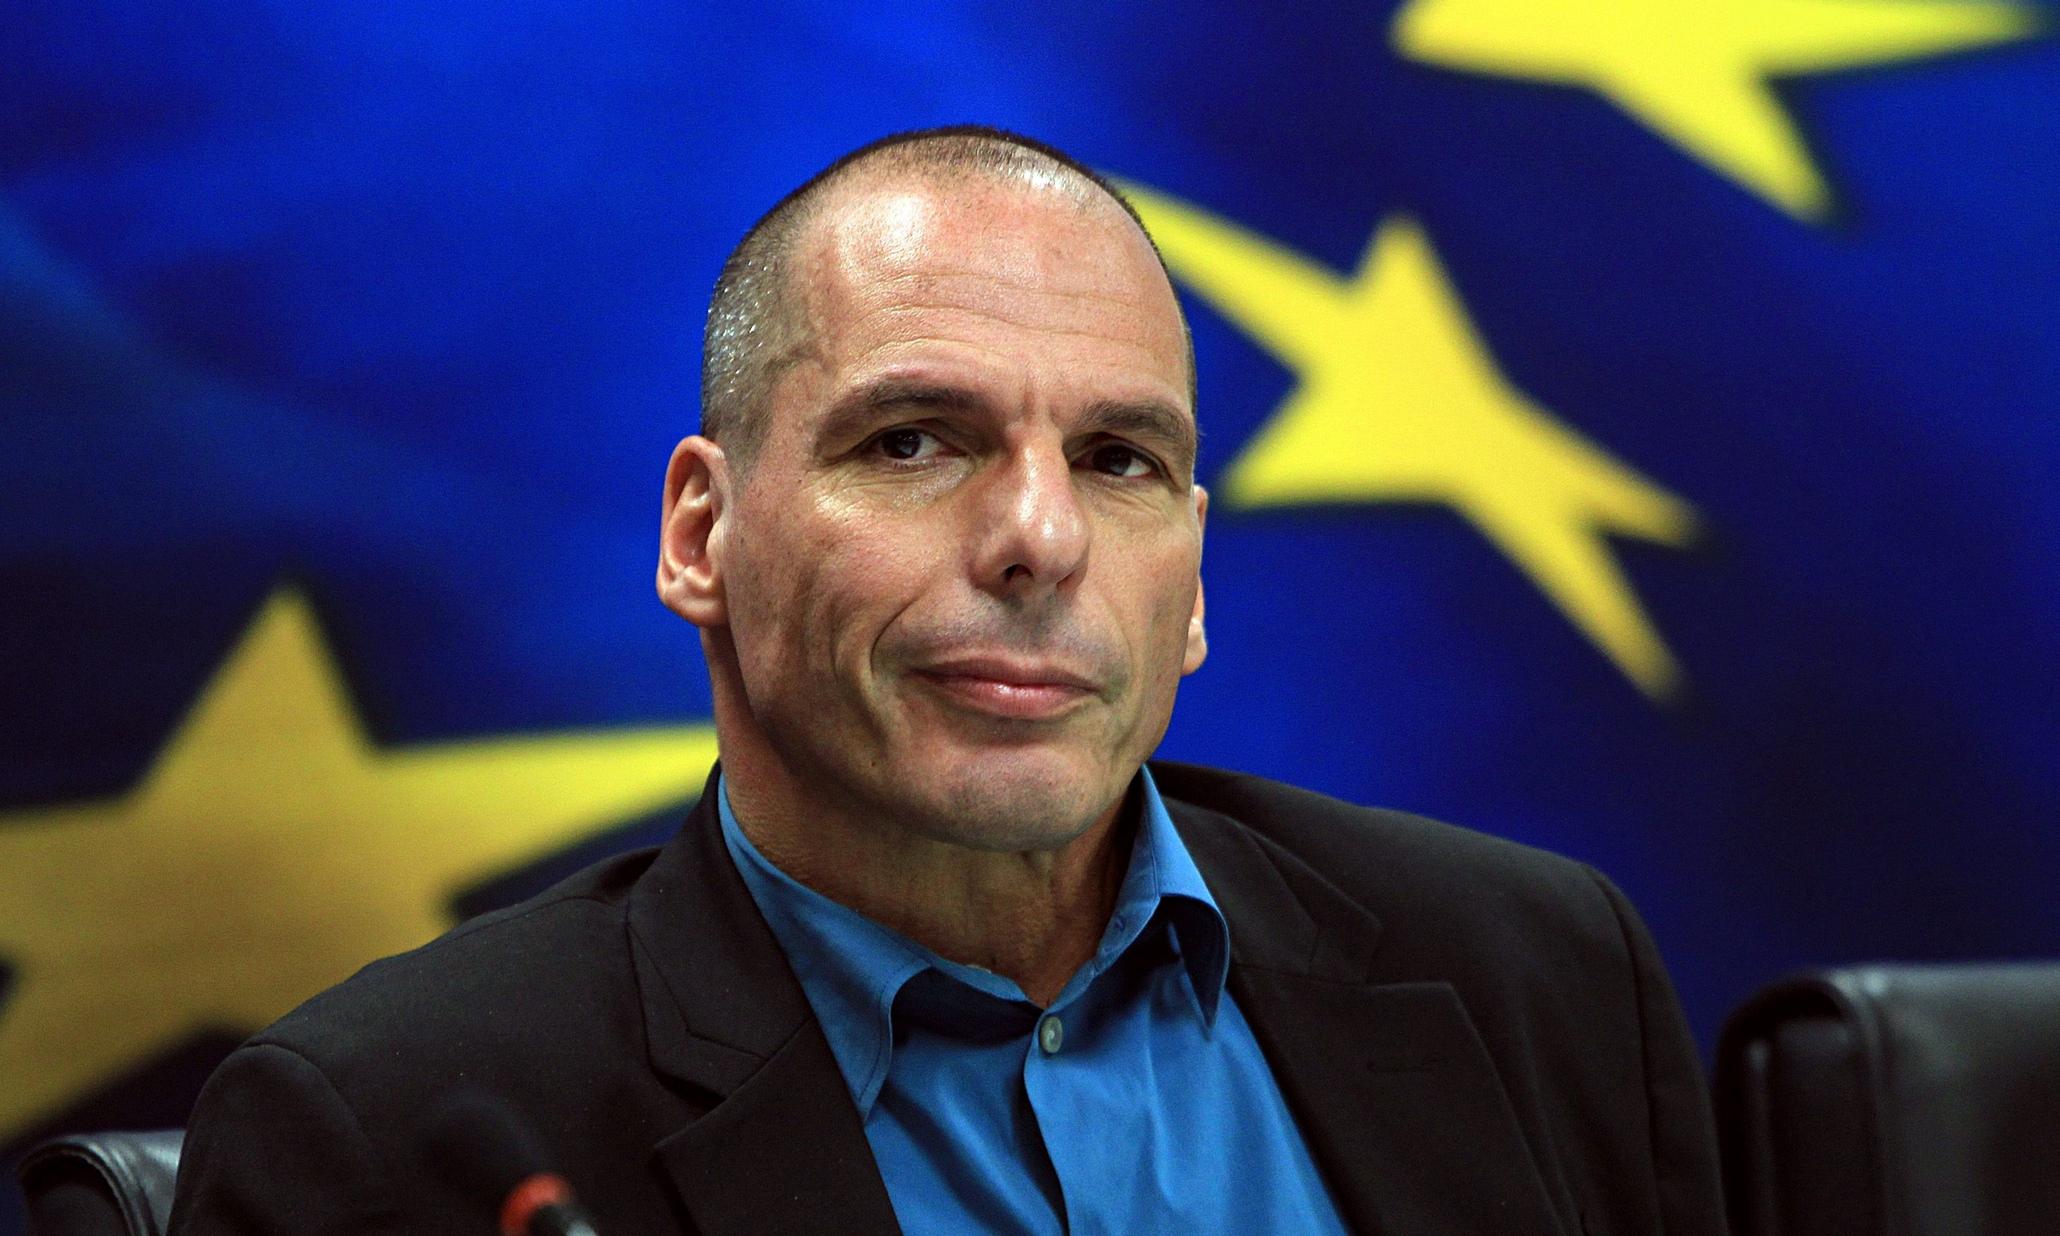 Syriza'nın eski baş müzakerecisinden AB'yi kurtaracak girişim!